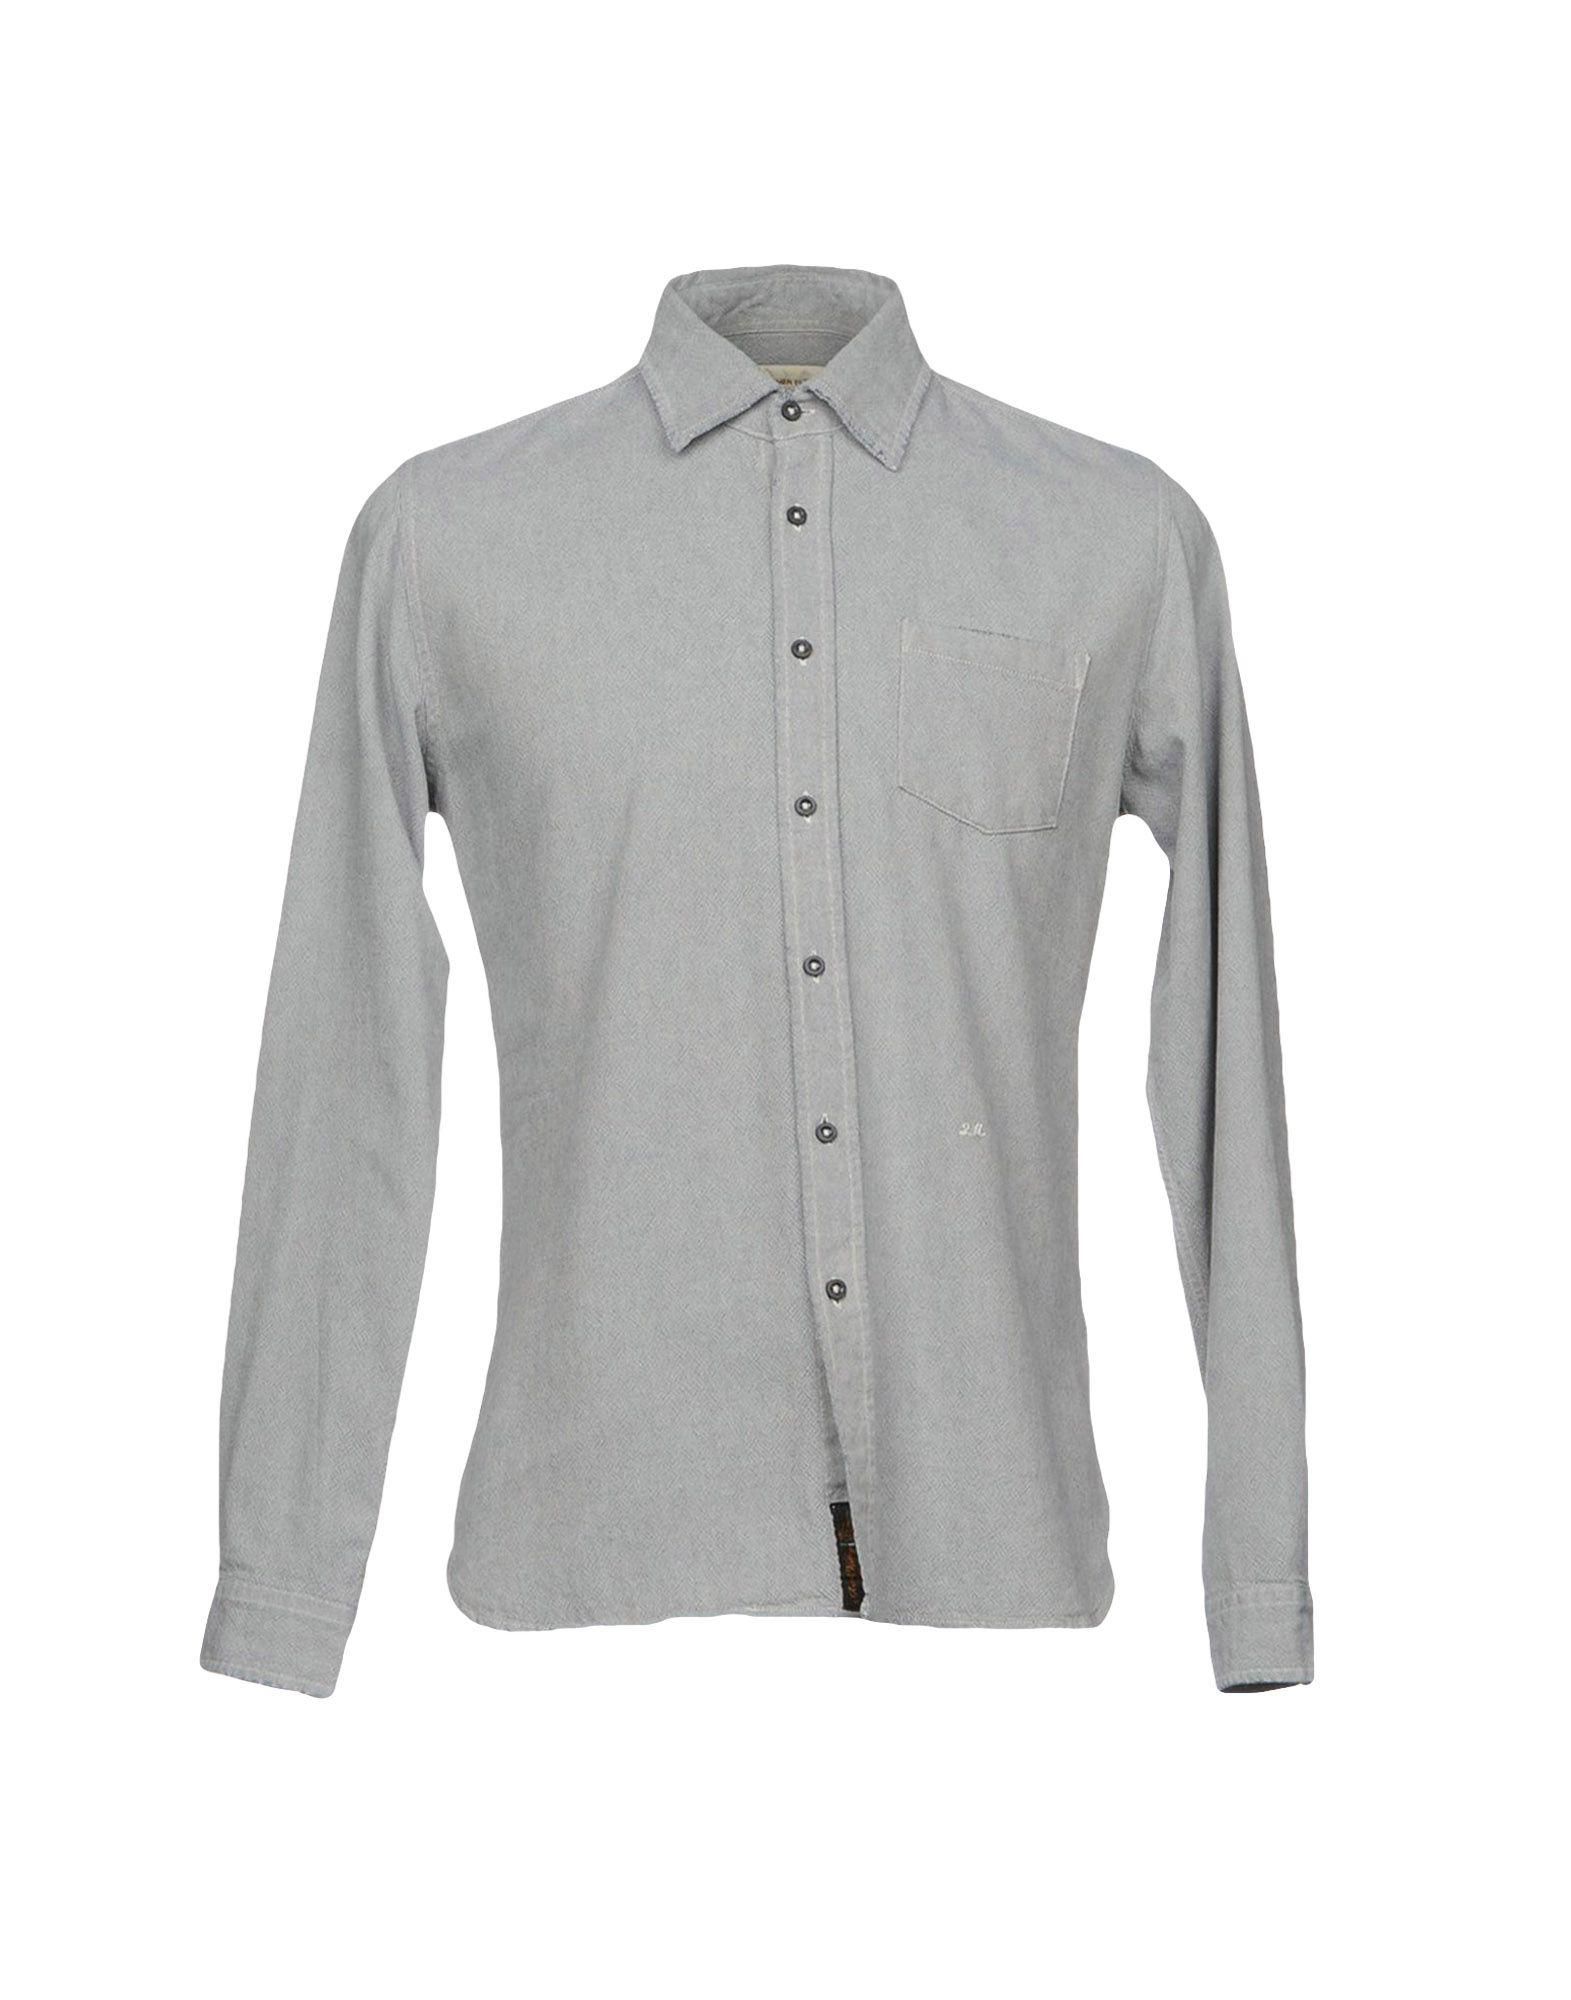 2W2M Herren Hemd Farbe Grau Größe 4